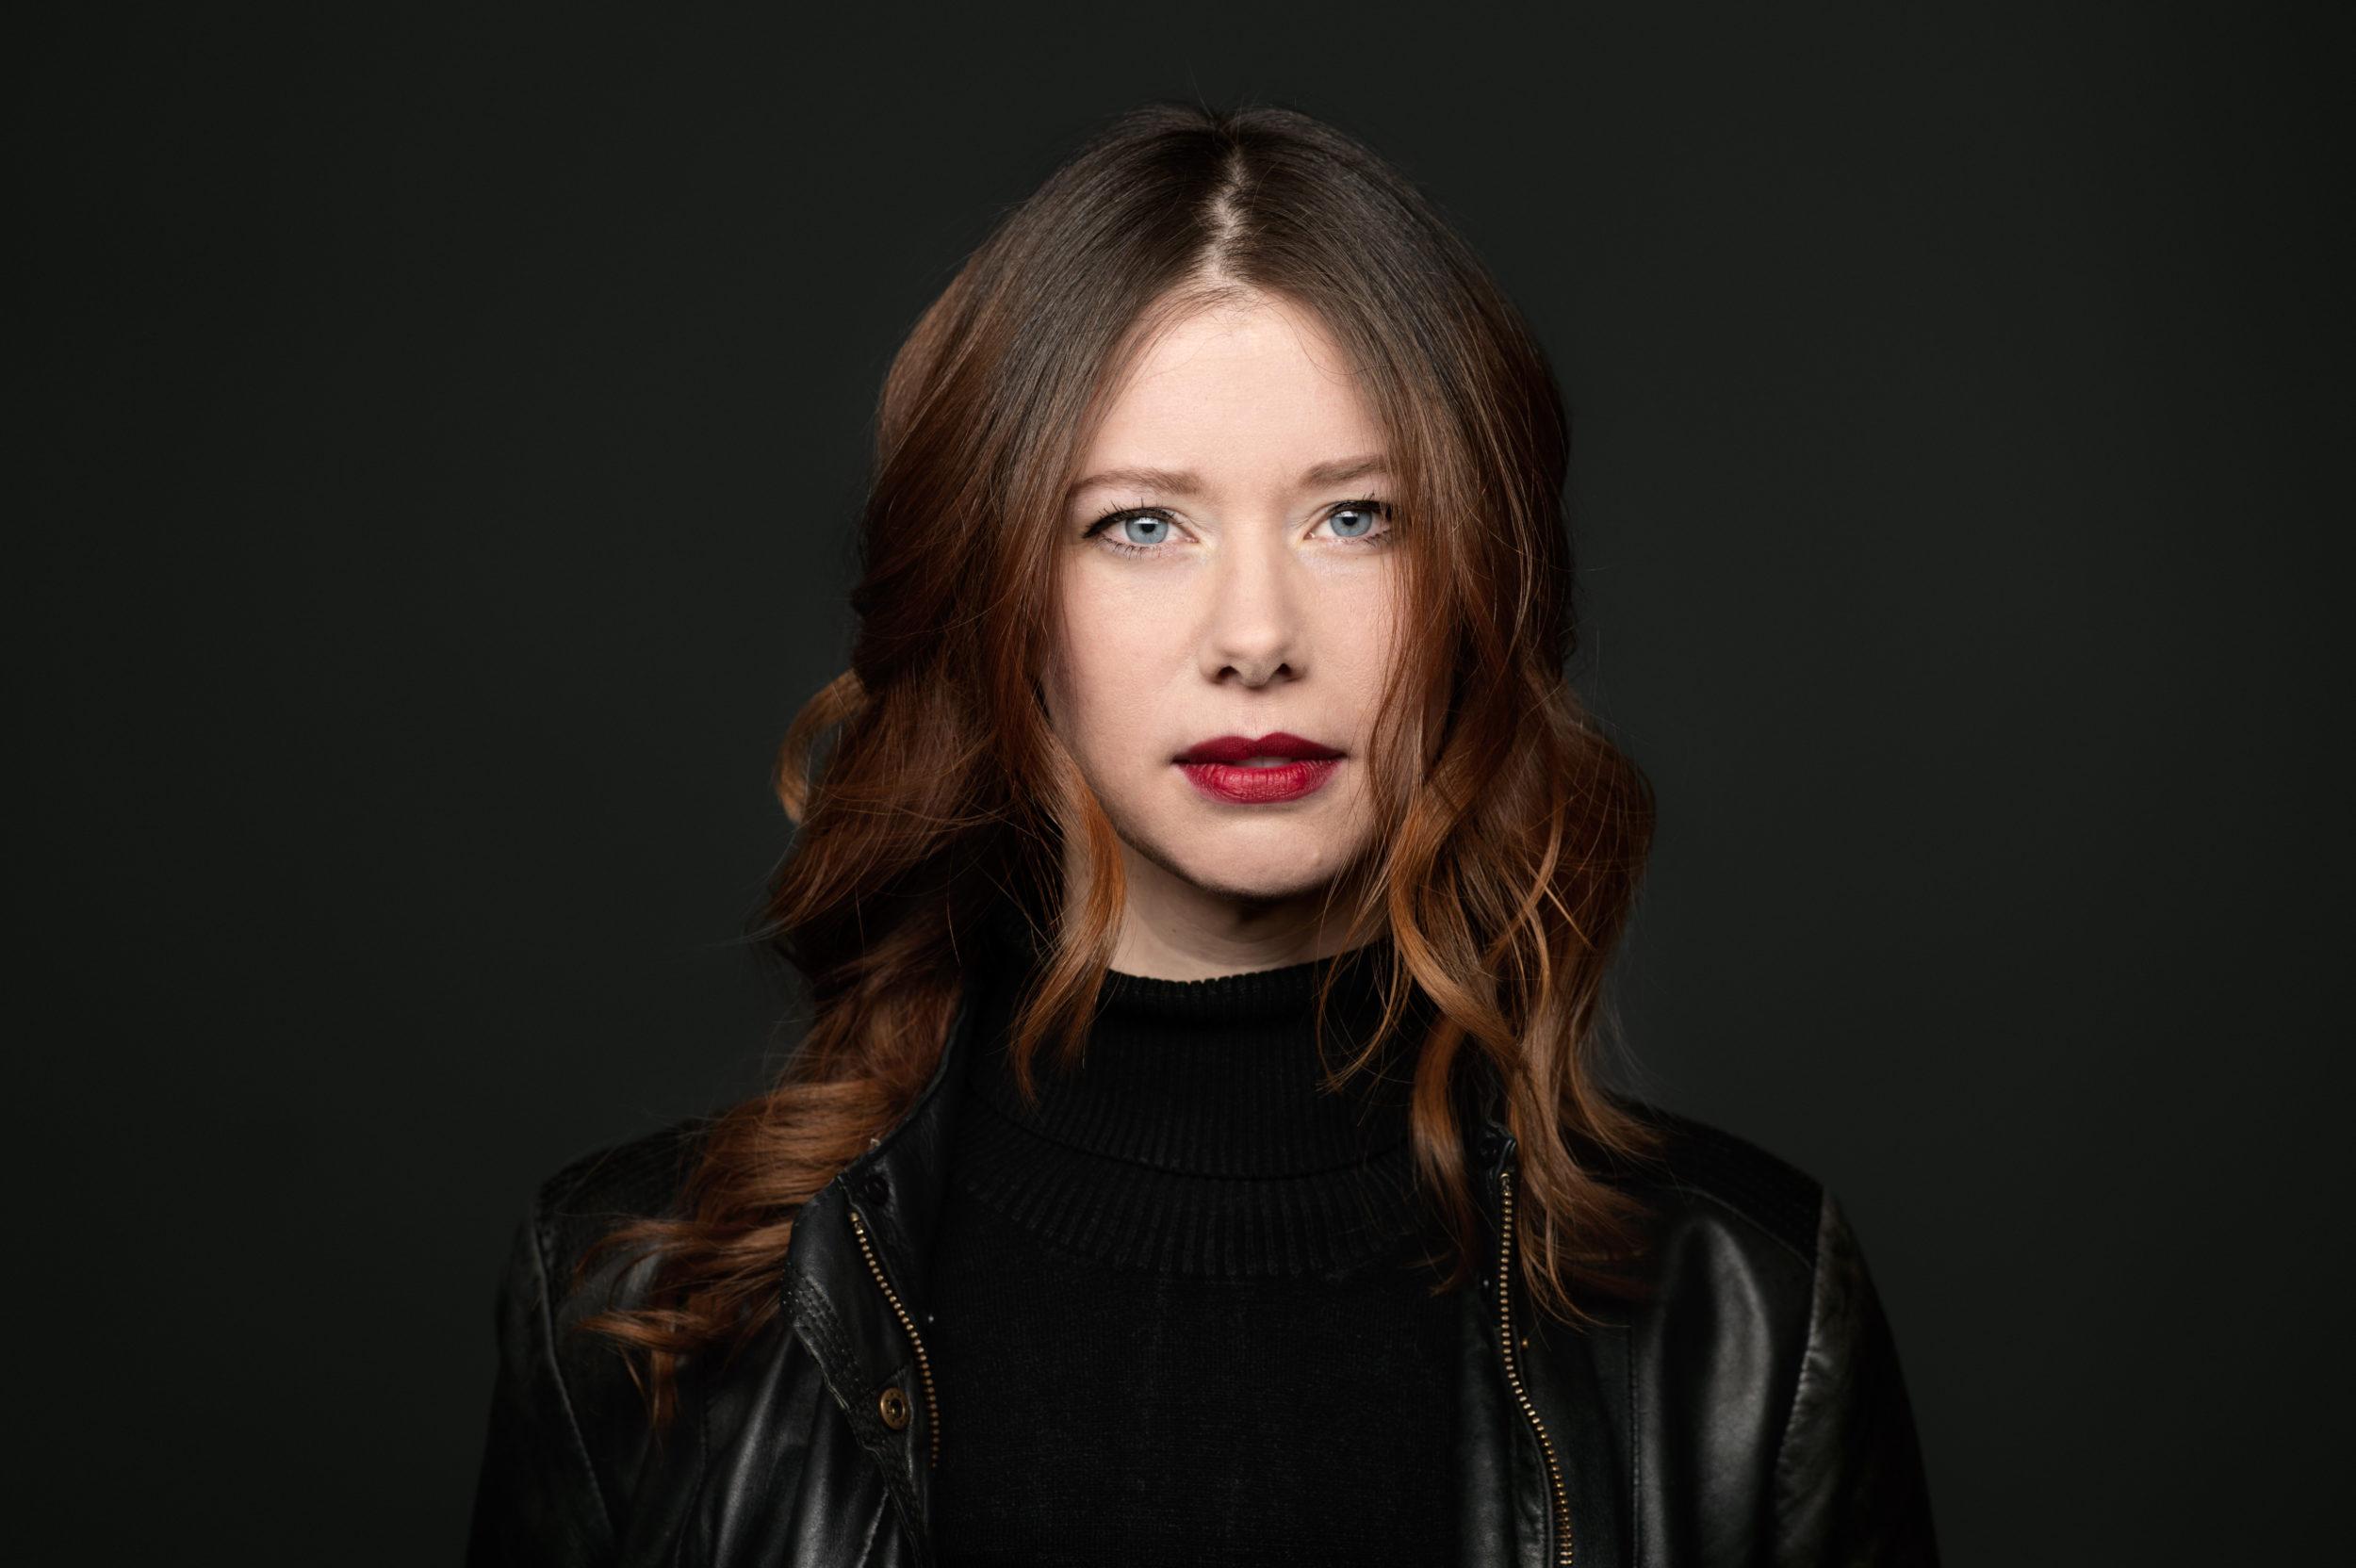 Simone Dames